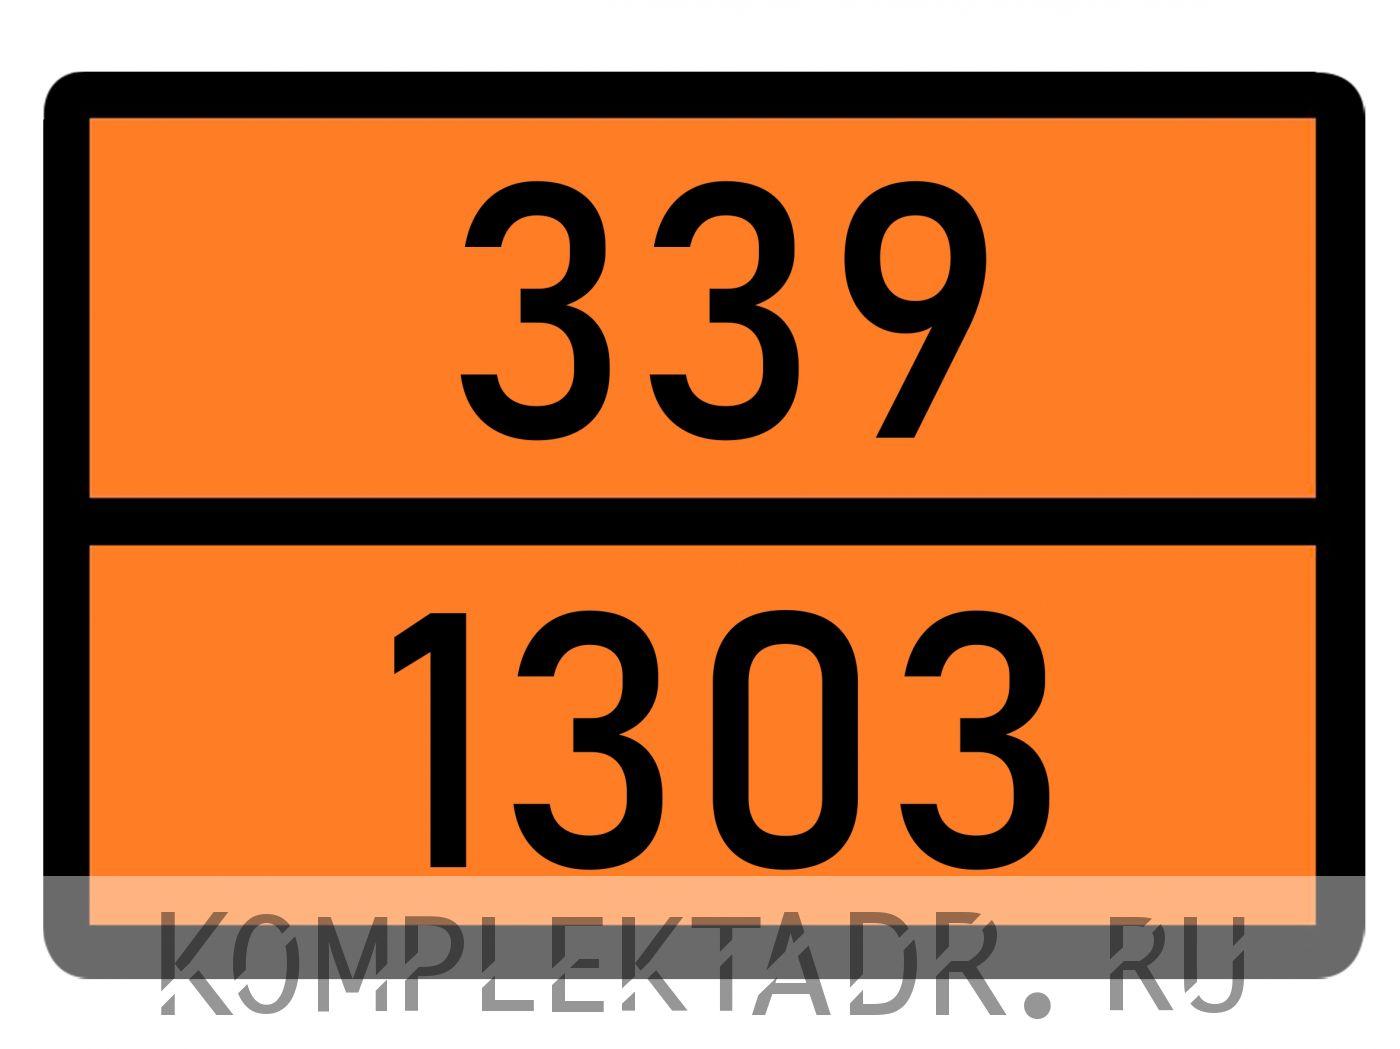 Табличка 339-1303